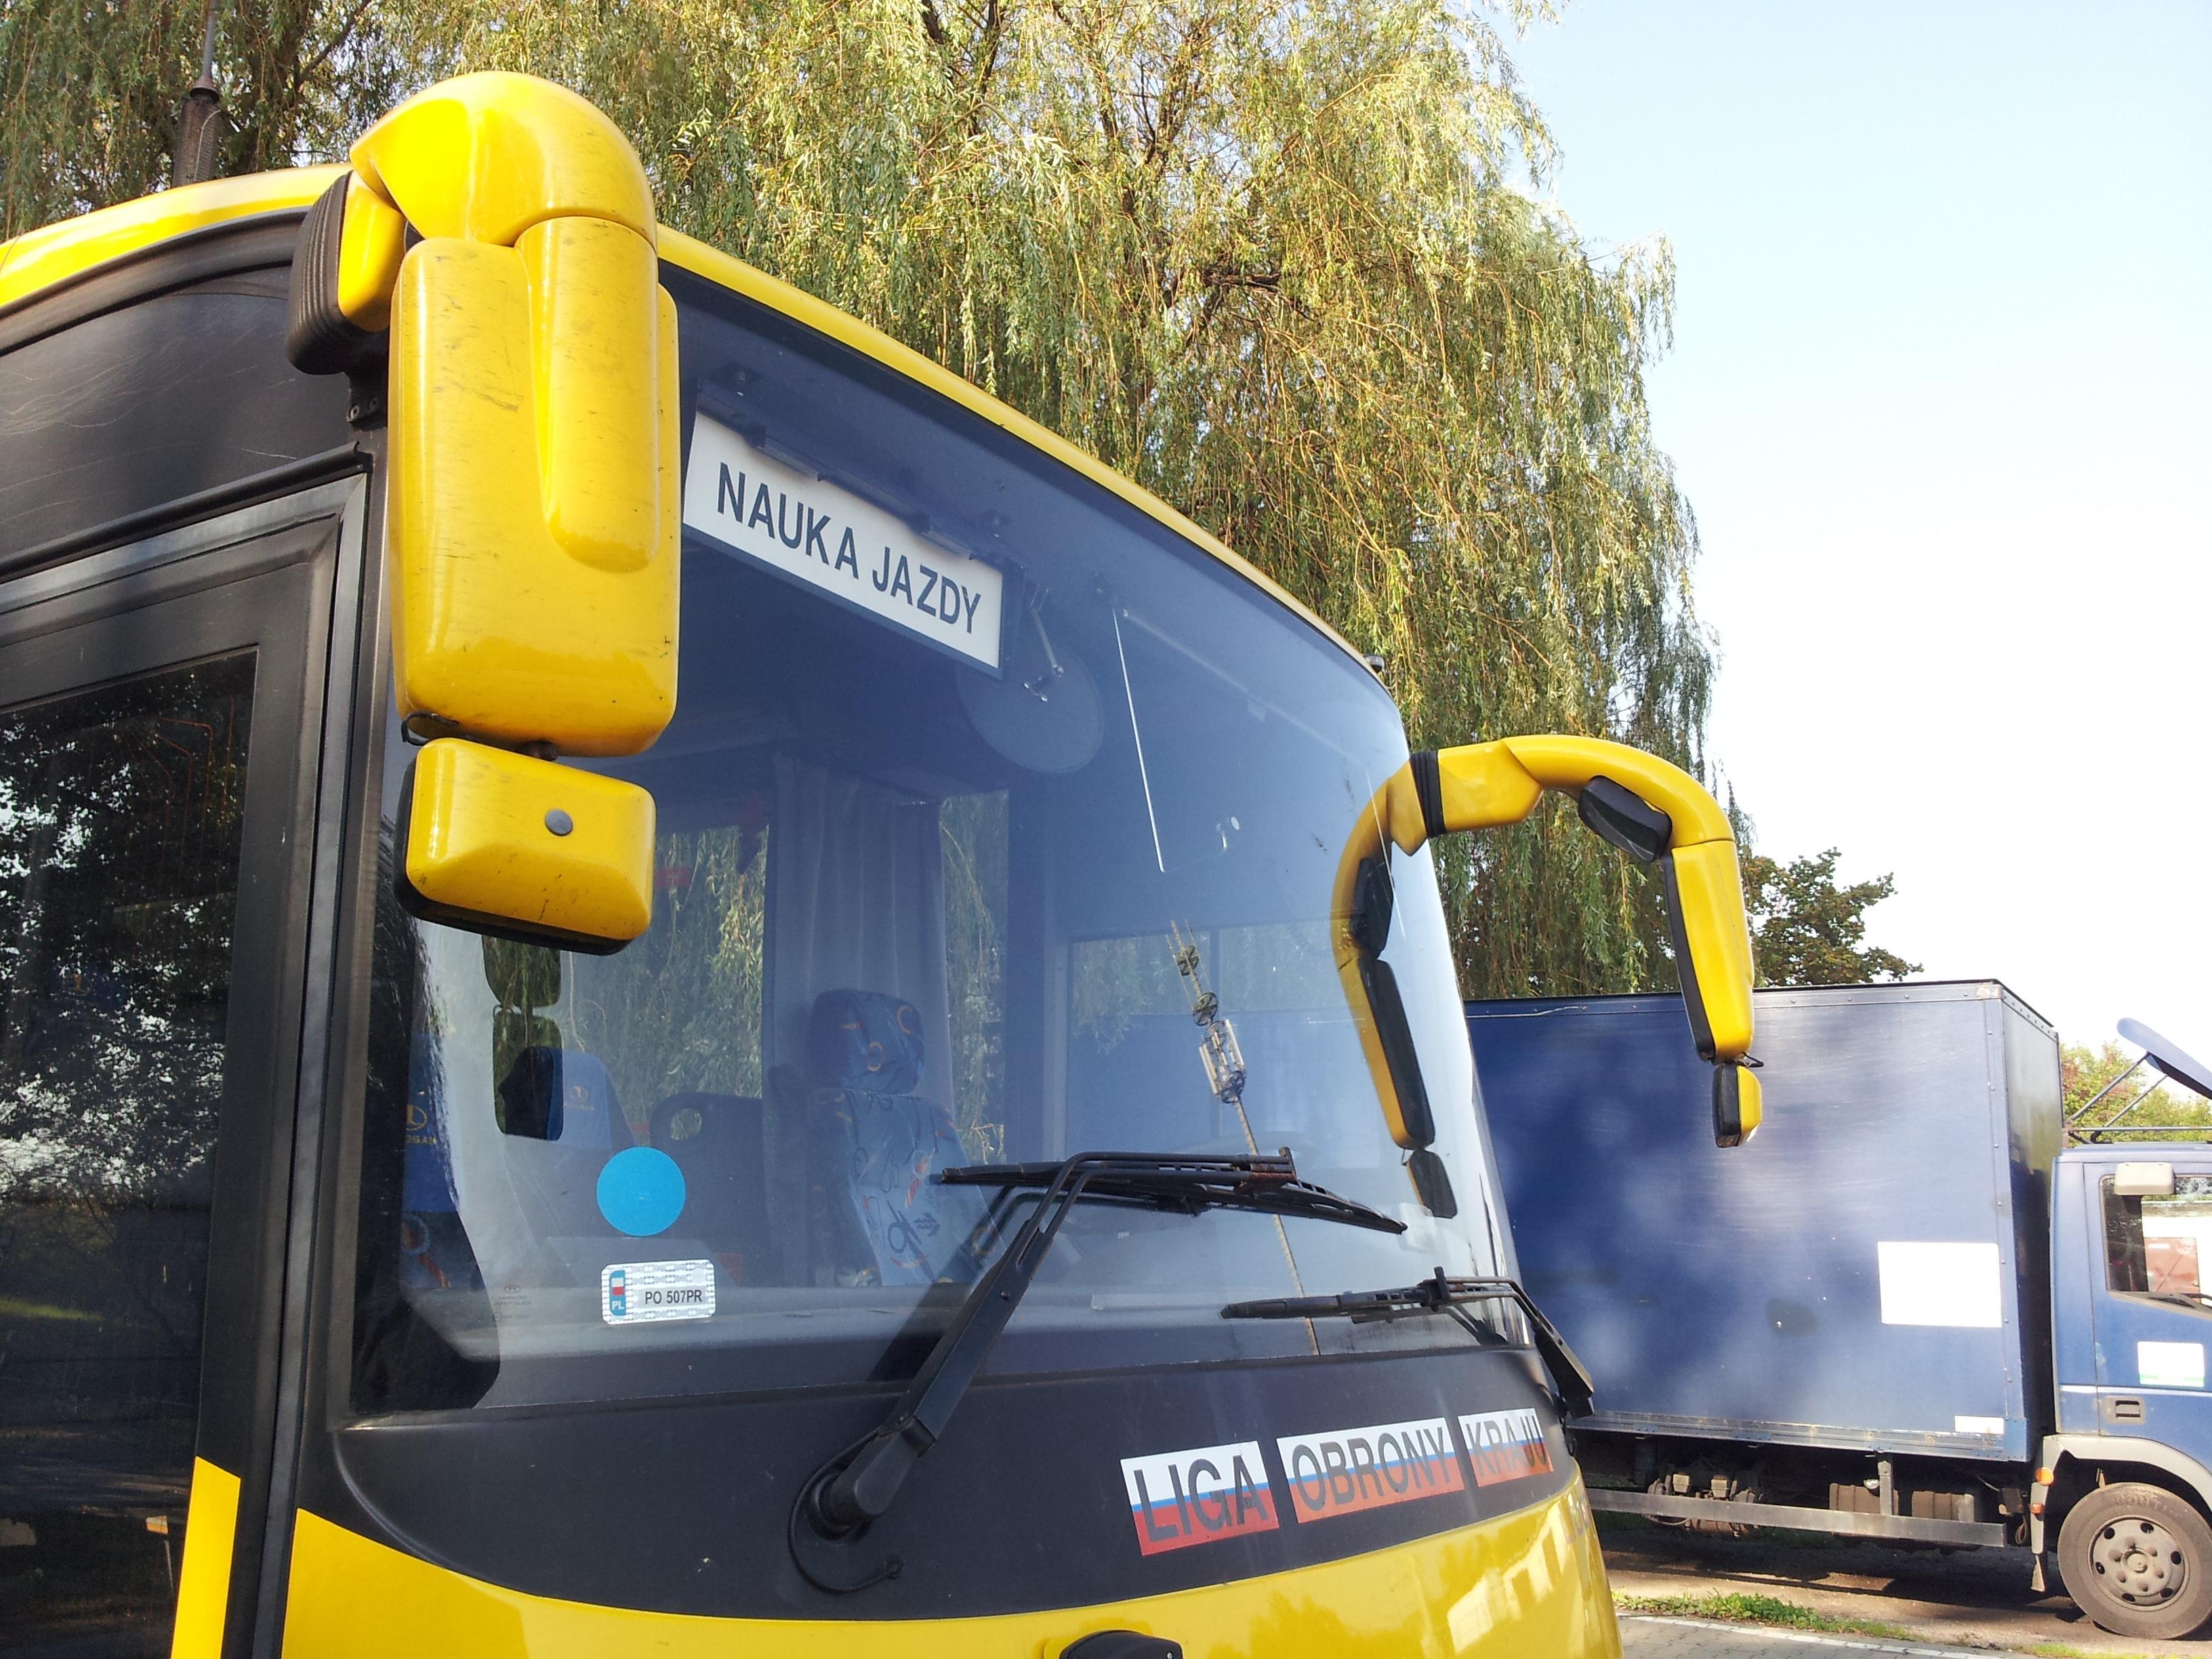 Pojazd wykorzystywany do szkolenia na kategori D